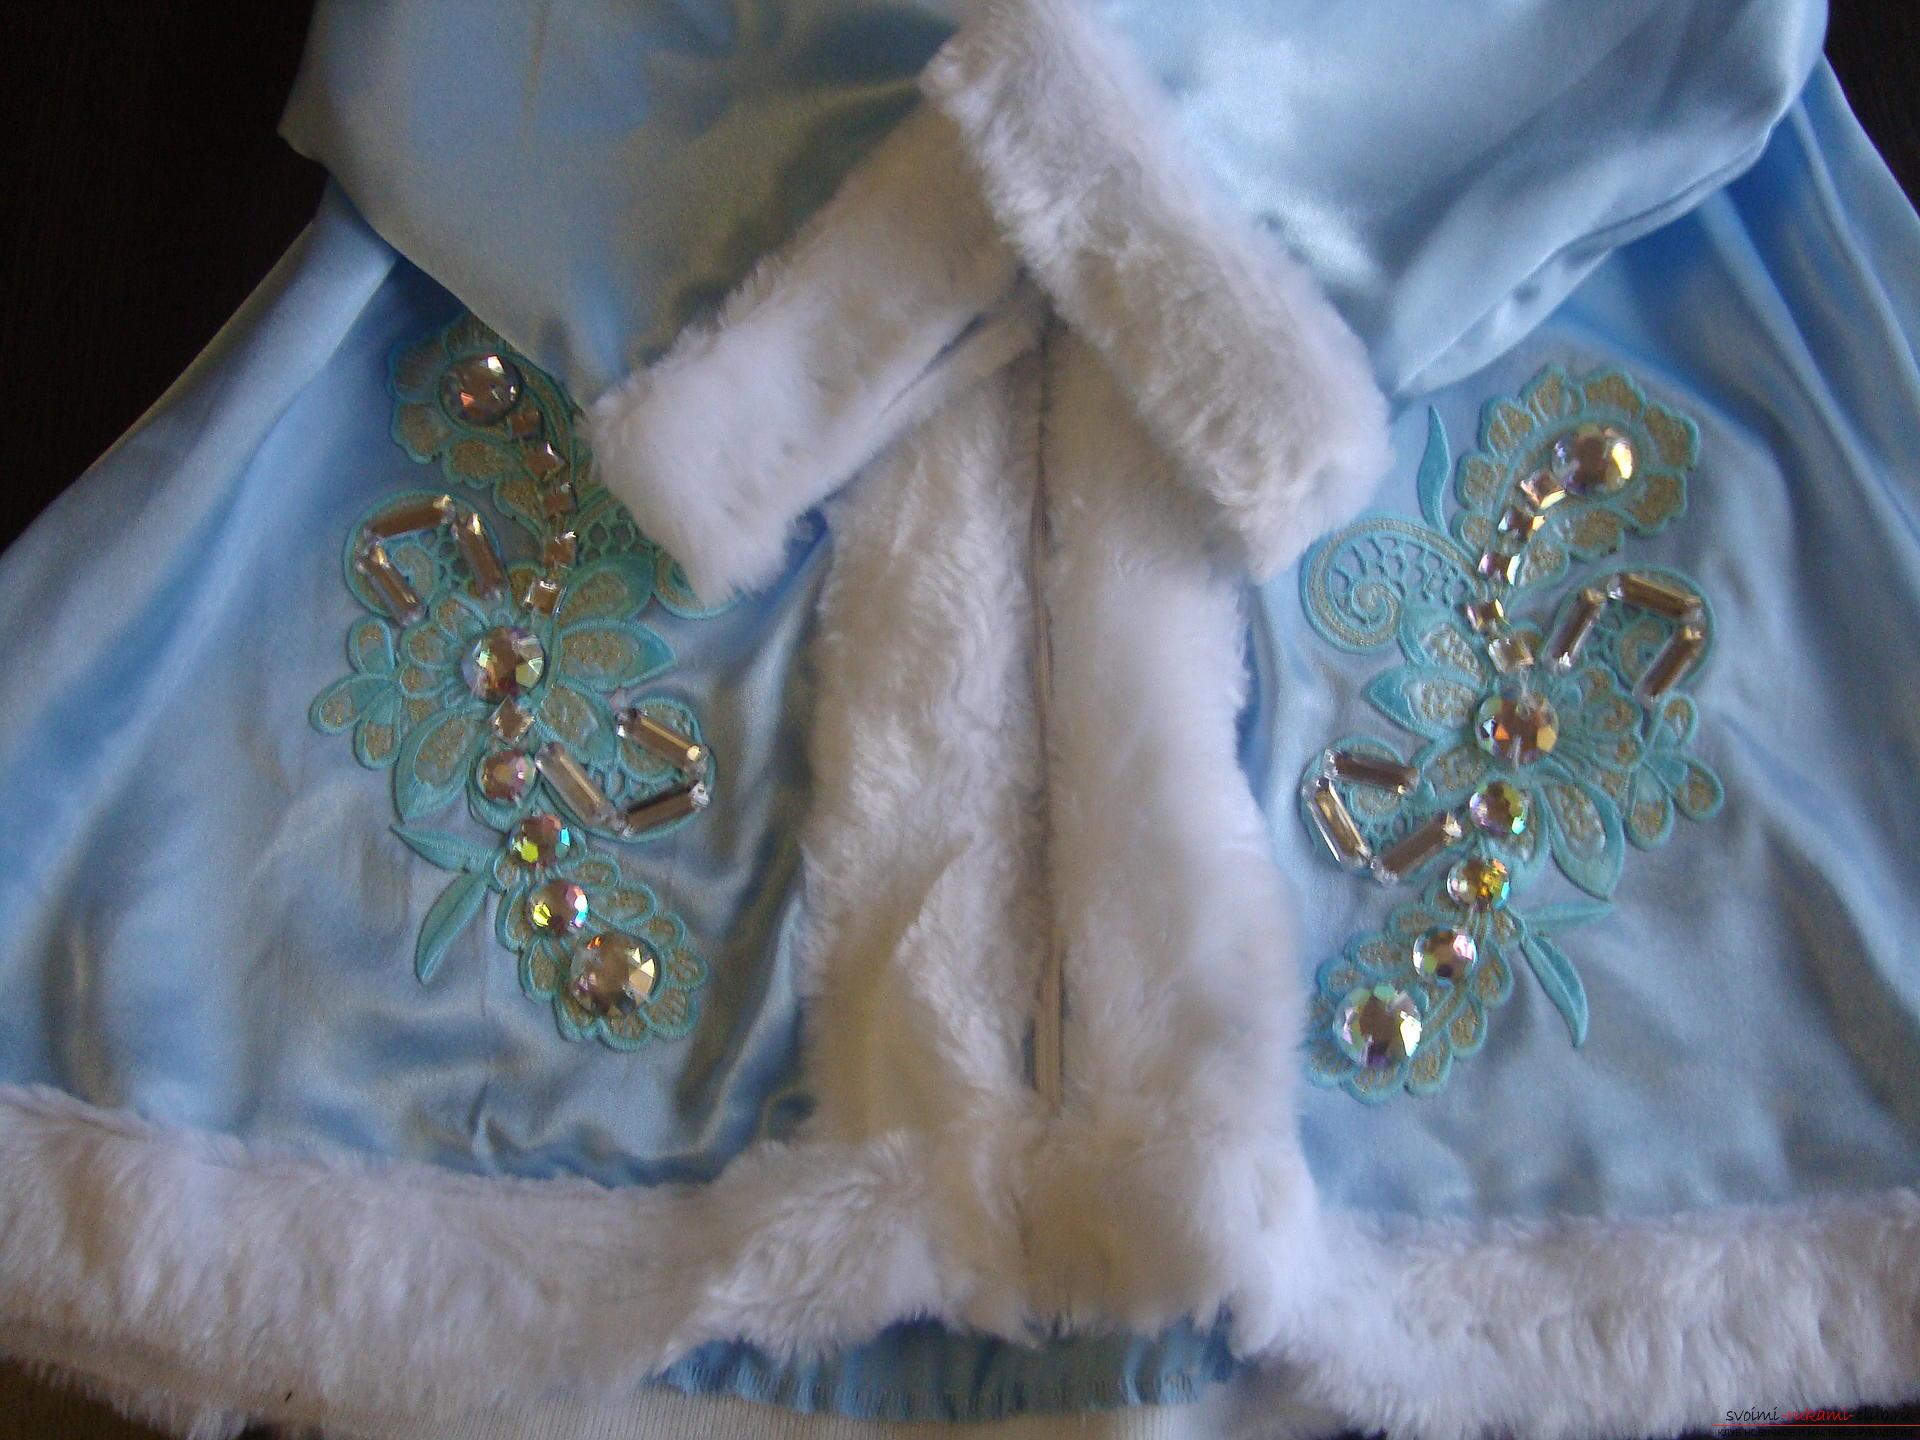 Карнавальні костюми для дівчинки мама може зшити своїми руками. Костюм Снігуронька сподобається багатьом дівчаткам .. Фото №7